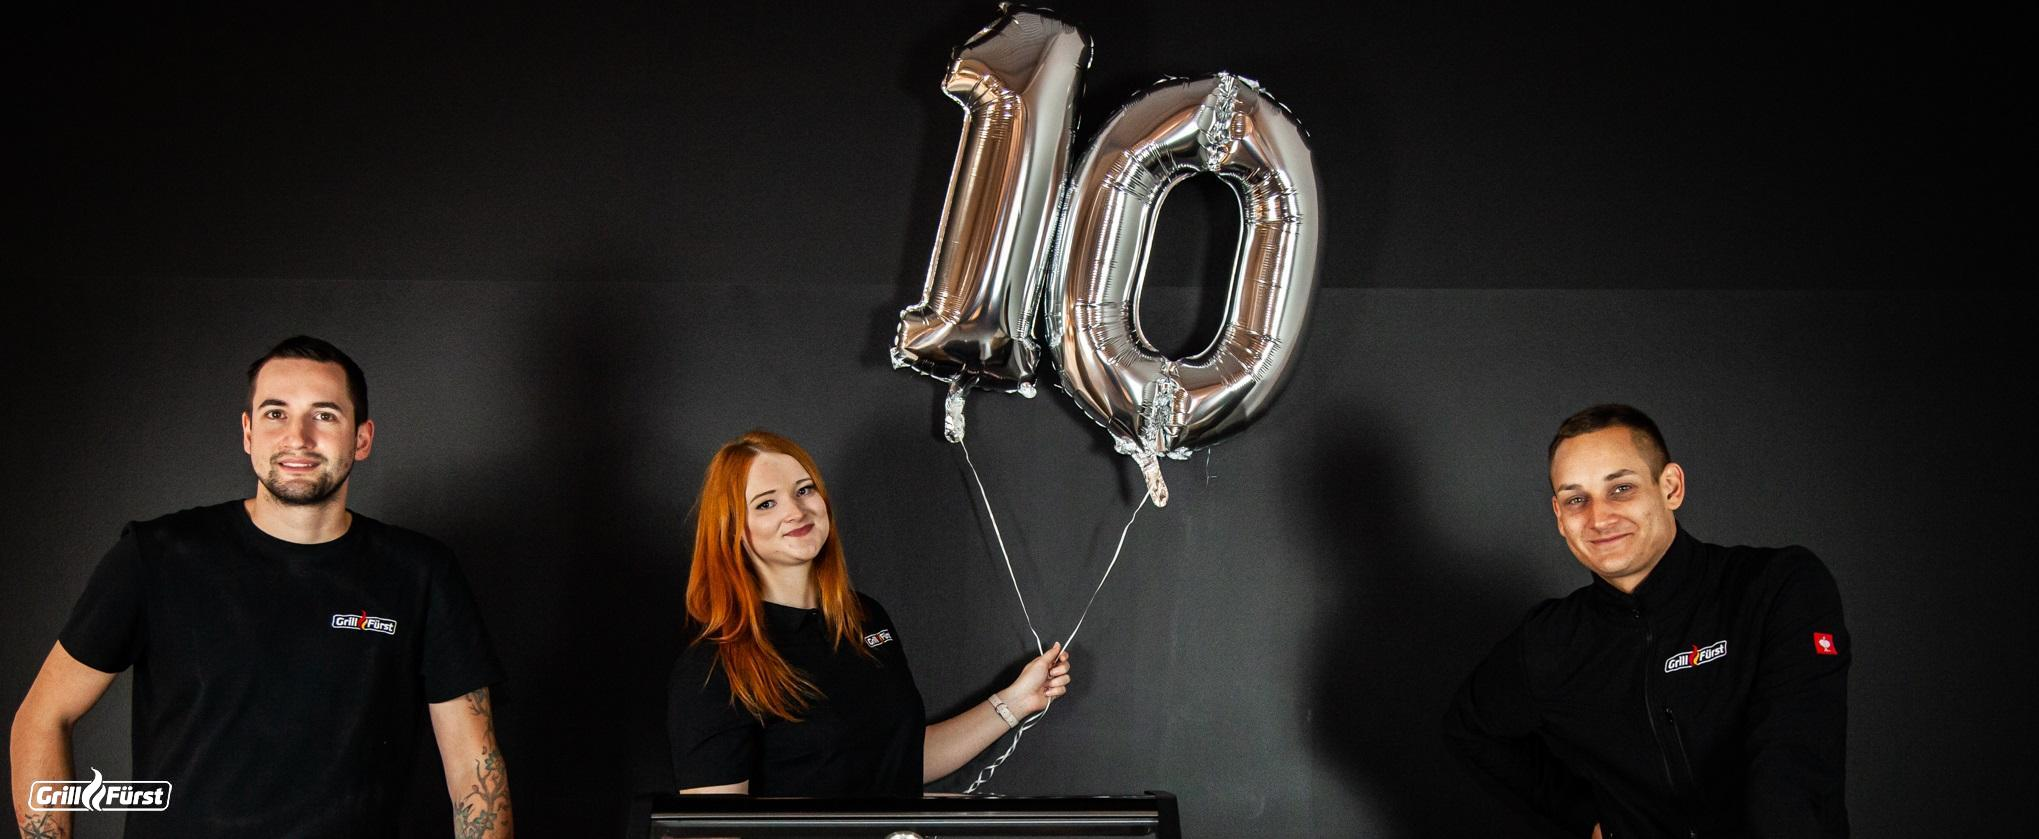 Zehn Jahre Feuer und Flamme -Grillfürst feiert 10. Geburtstag